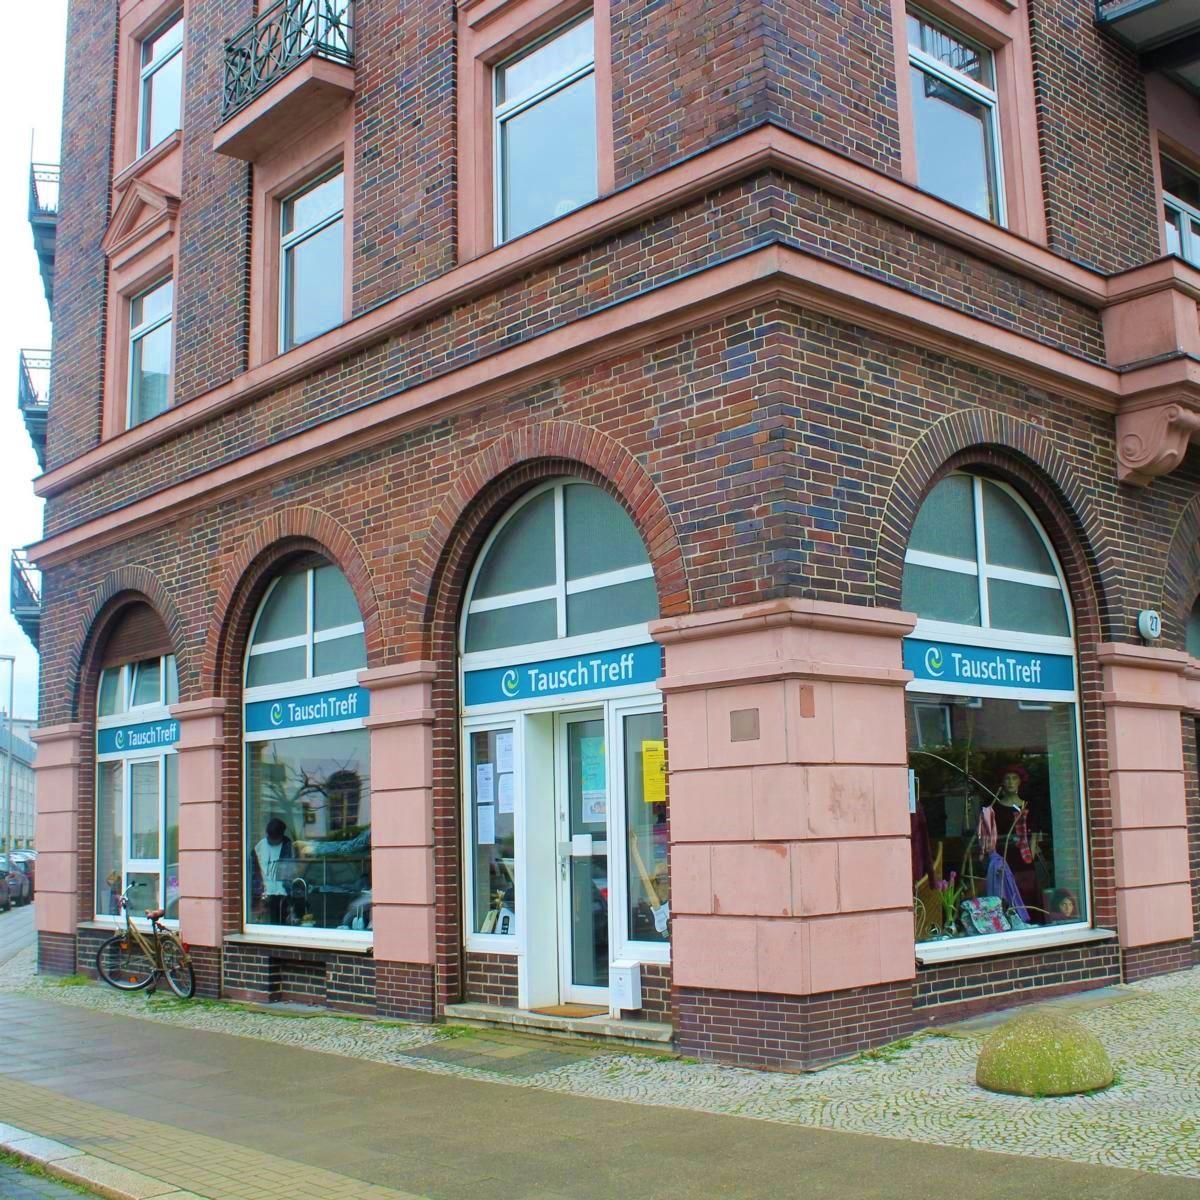 Style Hannover Tauschtreff B2 - Stylische Second Hand-Läden in Hannover